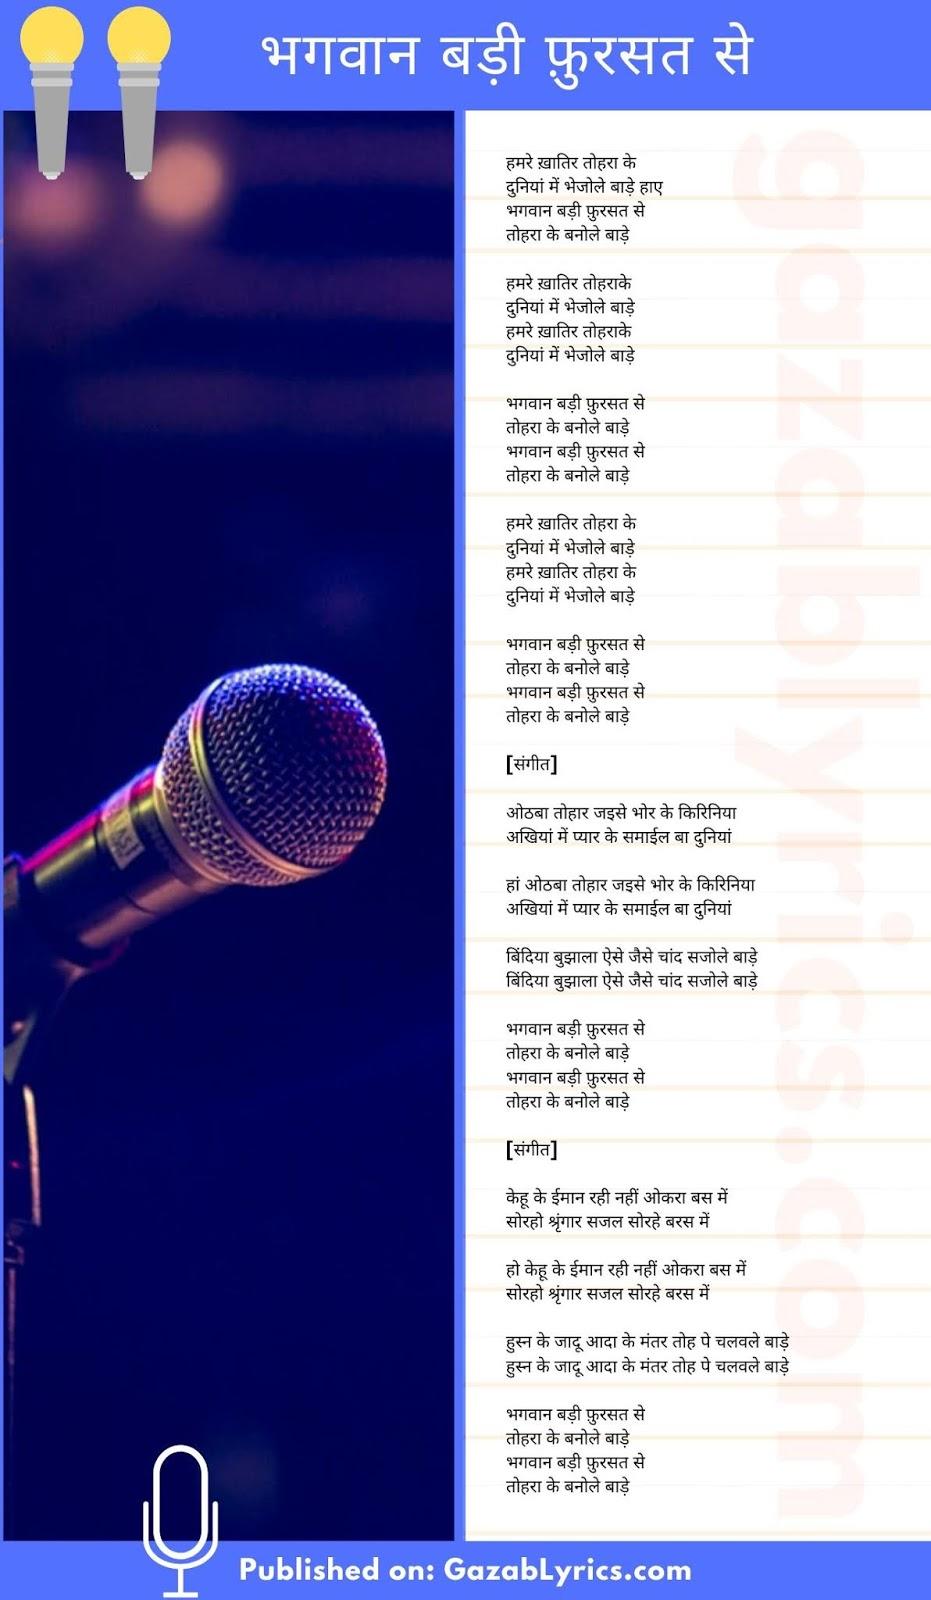 Bhagwan Badi Fursat Se song lyrics image